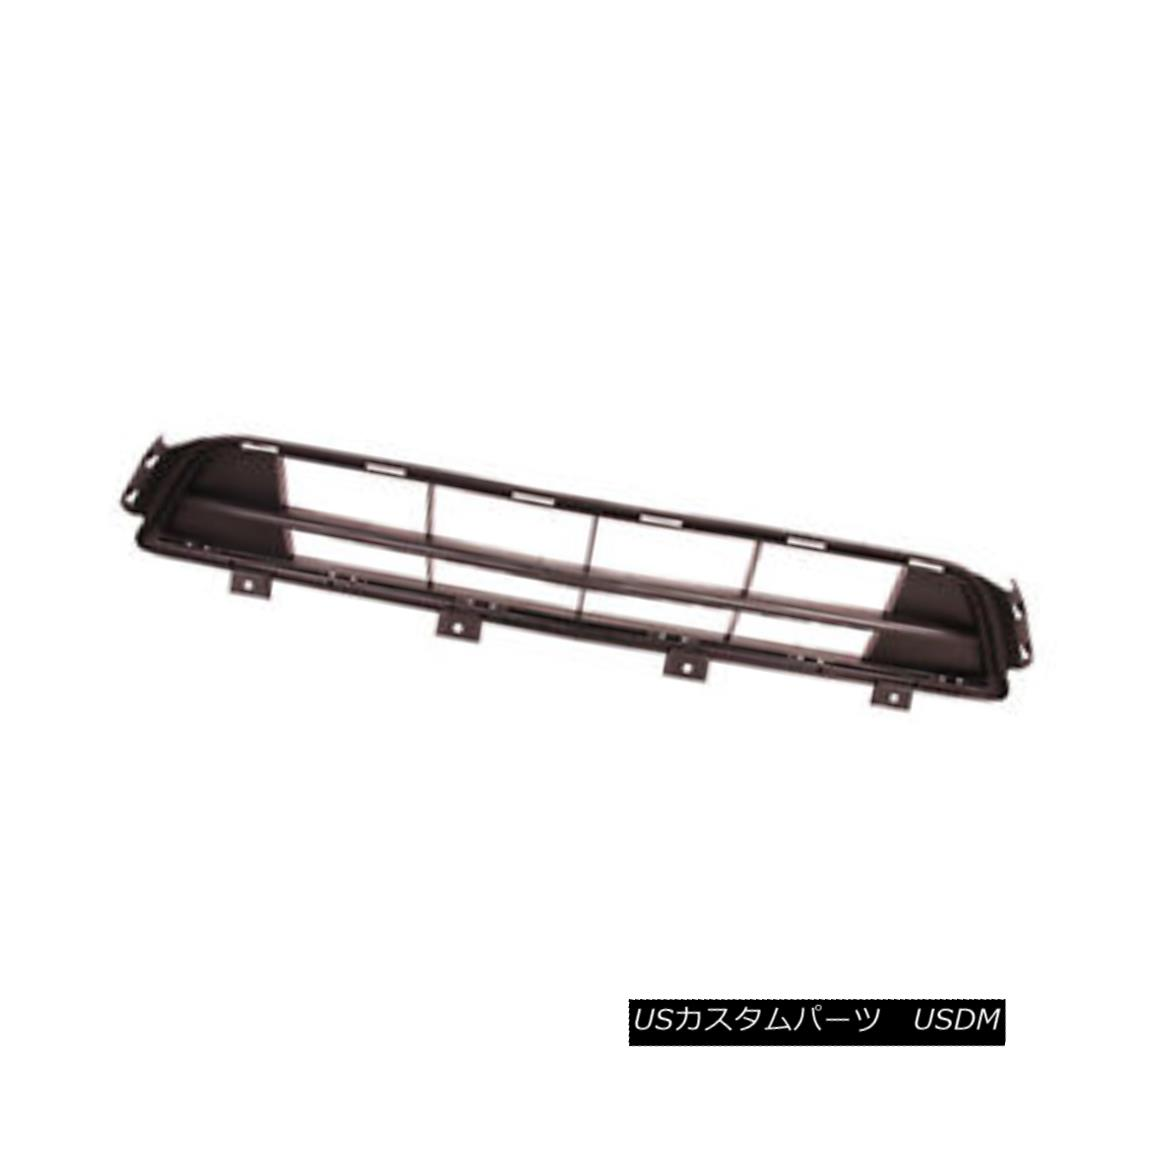 グリル New Replacement Front Bumper Cover Grille; Made Of Plastic 104-60062A CAPA 新しい交換用フロントバンパーカバーグリル; プラスチック製の104-60062A CAPA